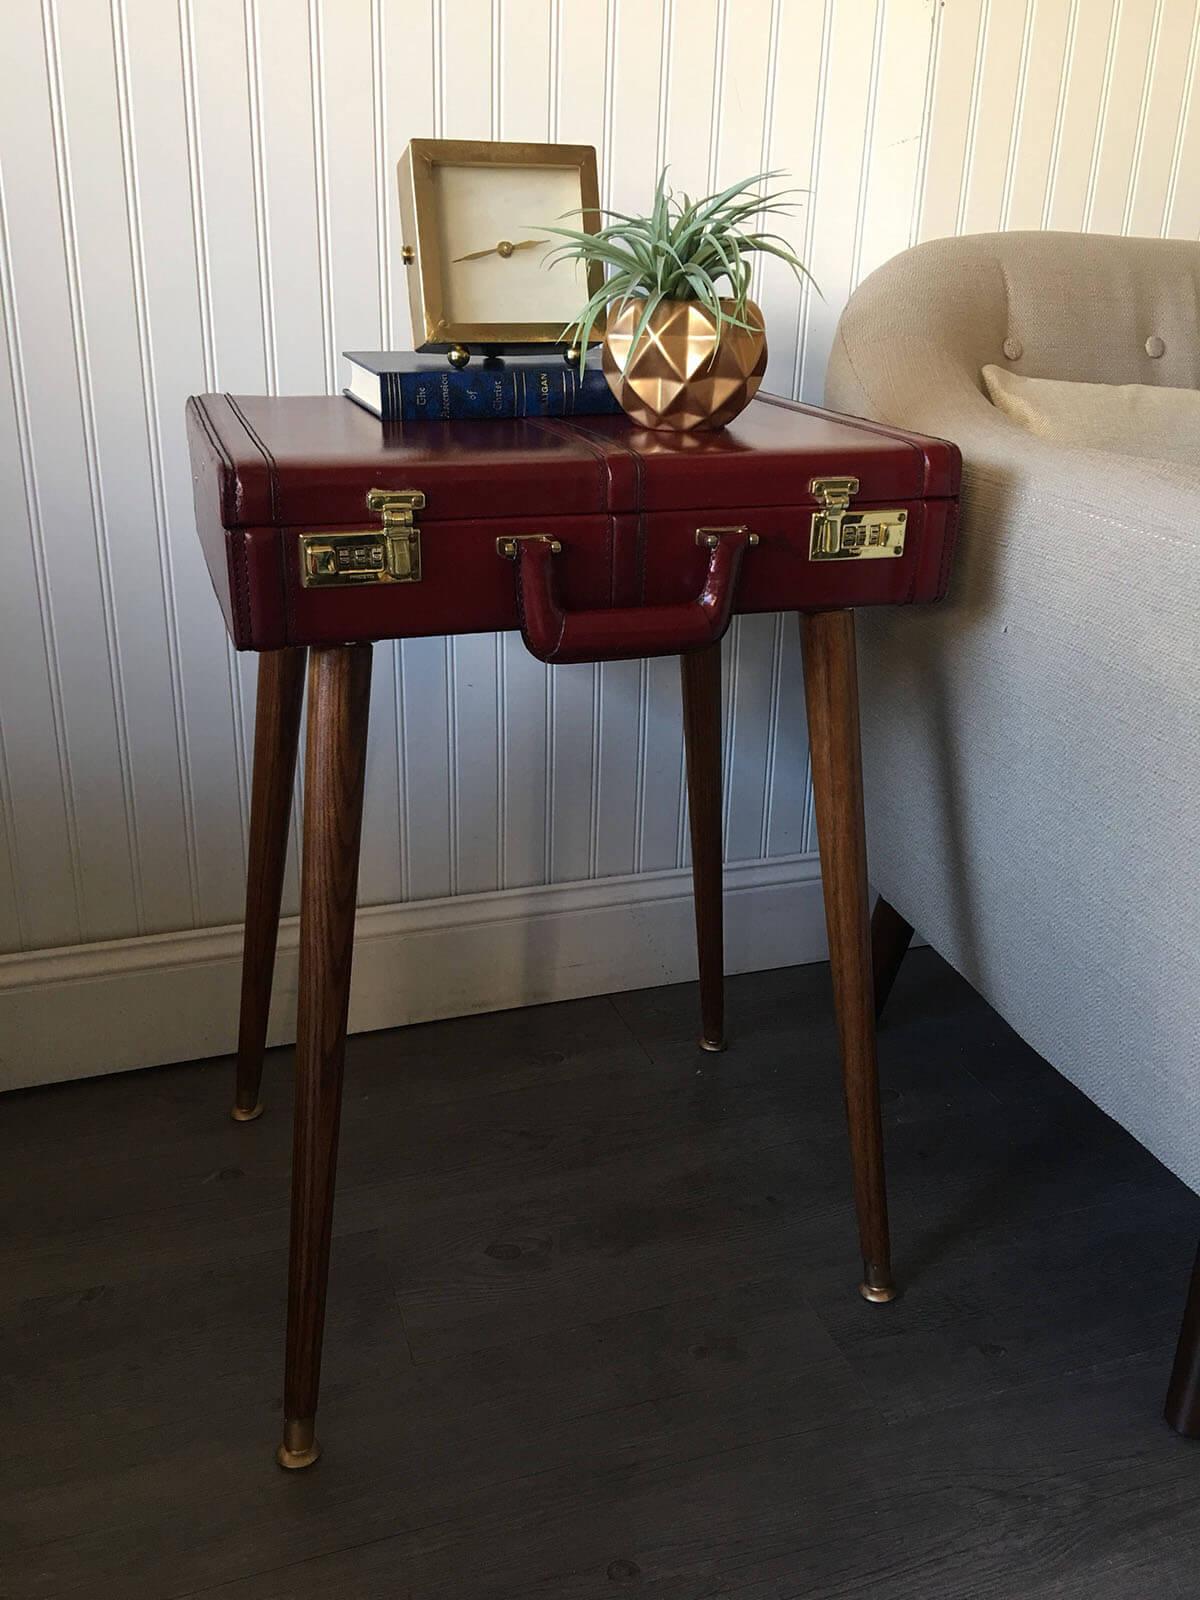 Repurpose Unique Items as Furniture